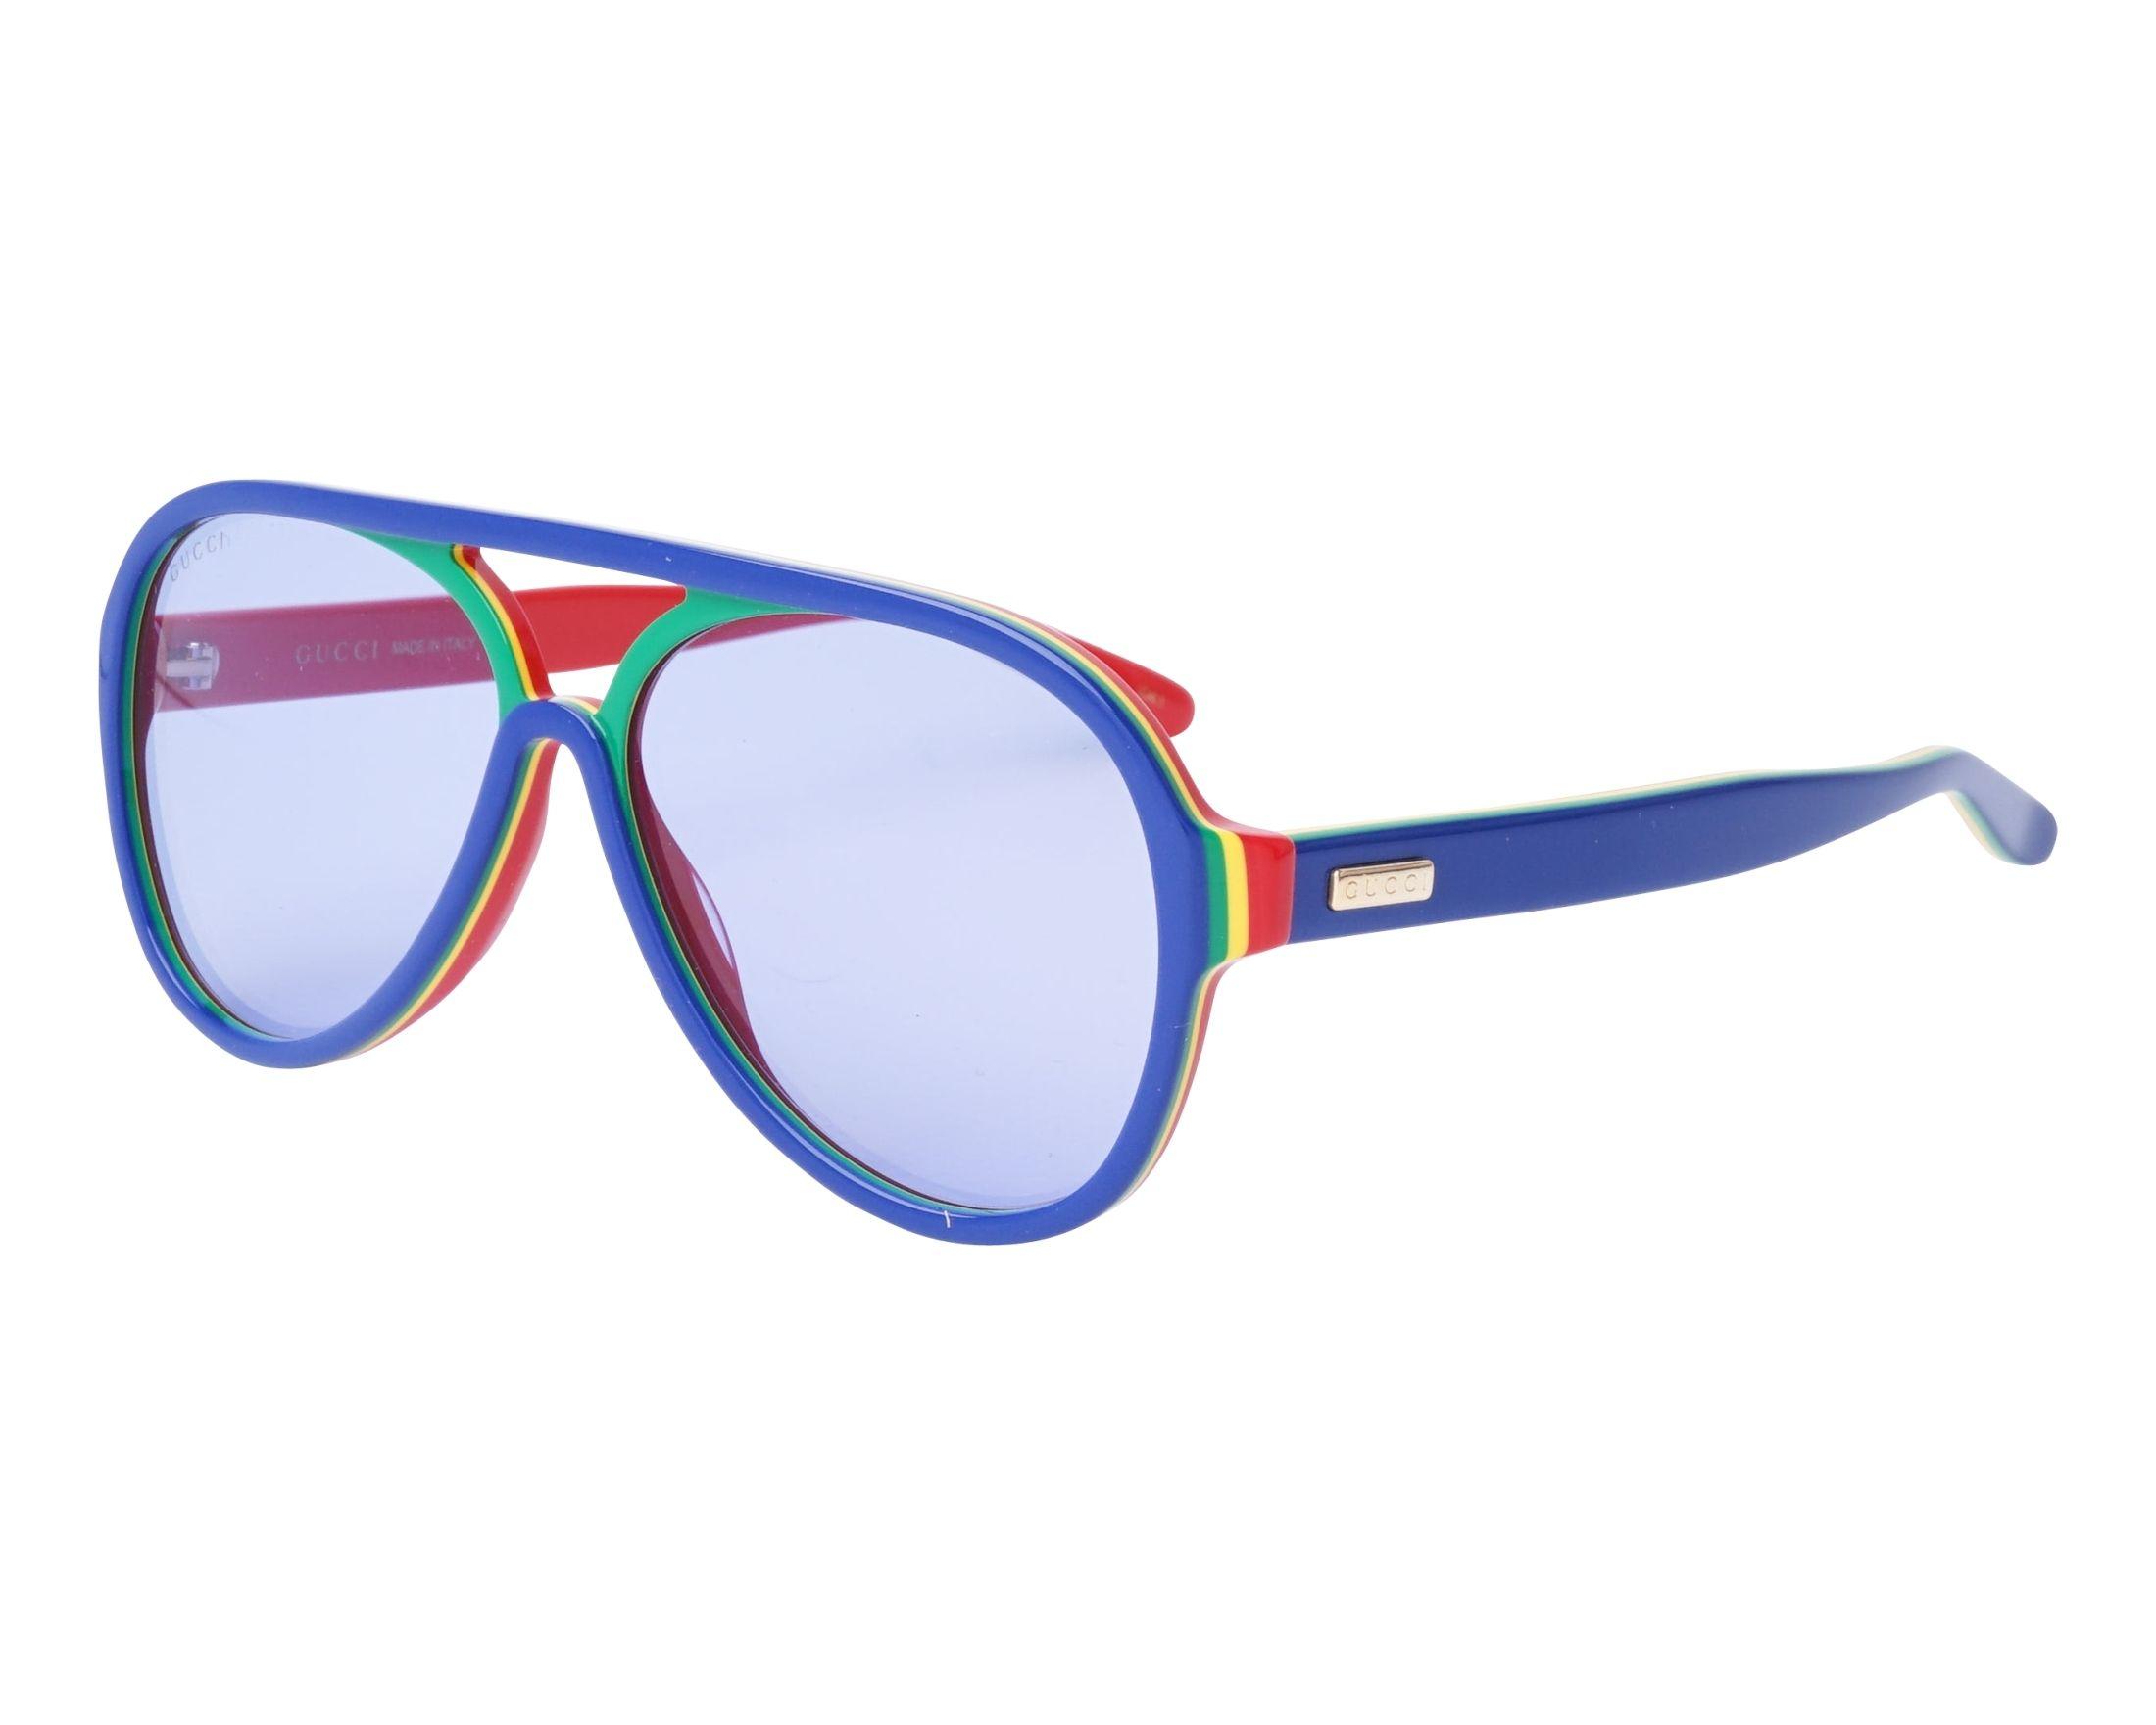 9939d7b6ca8 Sunglasses Gucci GG-0270-S 007 57-14 Blue Green profile view